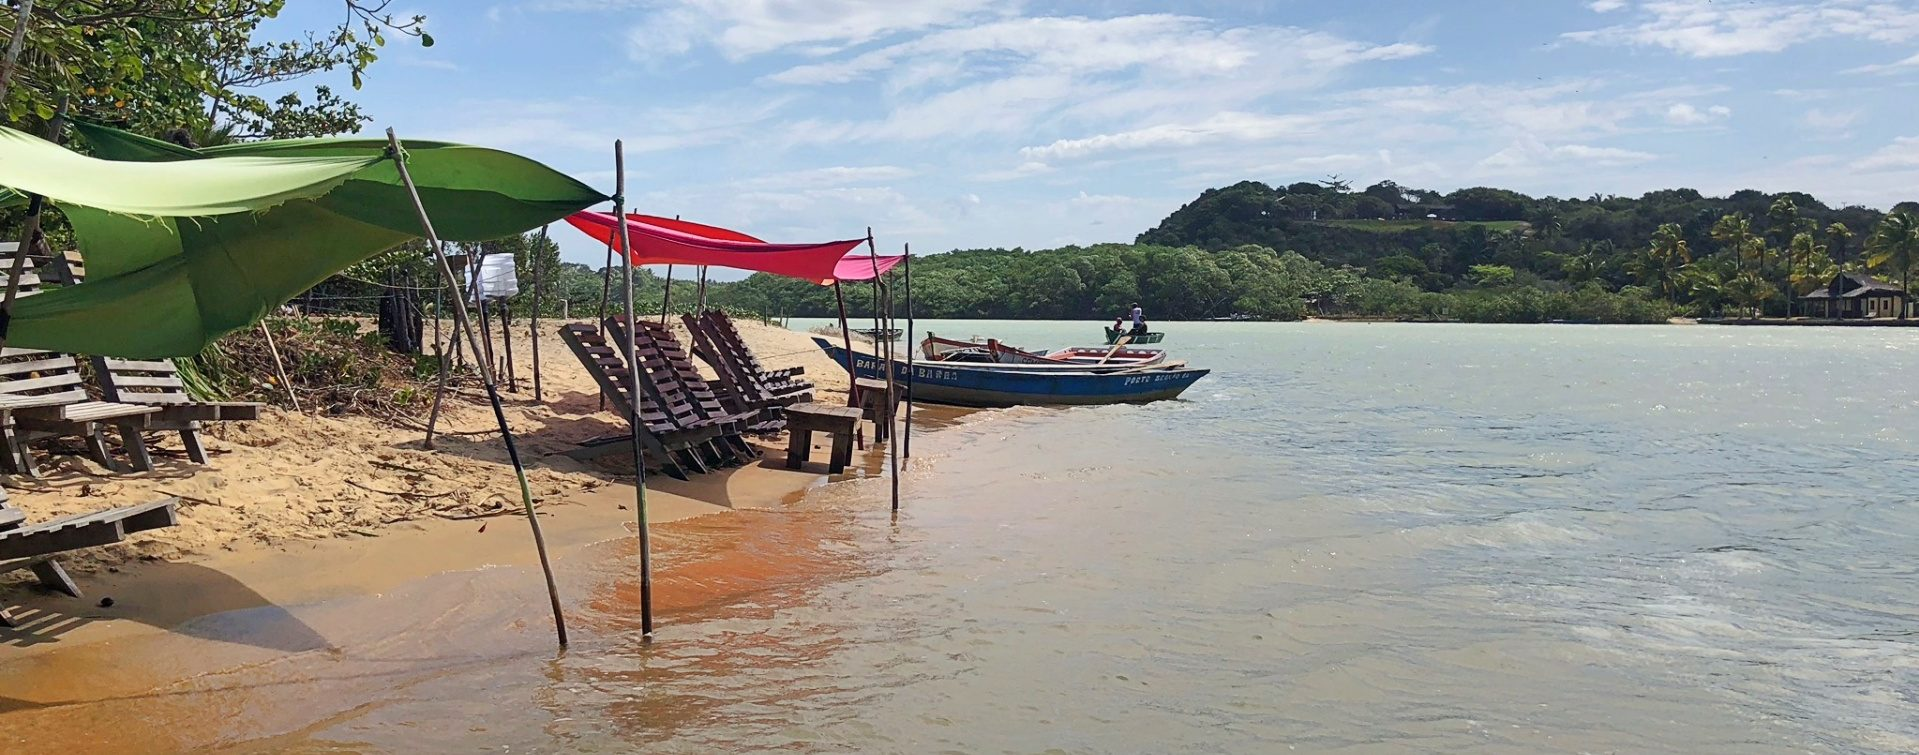 De carro do Rio à Bahia: roteiro completo com praias, rios e agroturismo